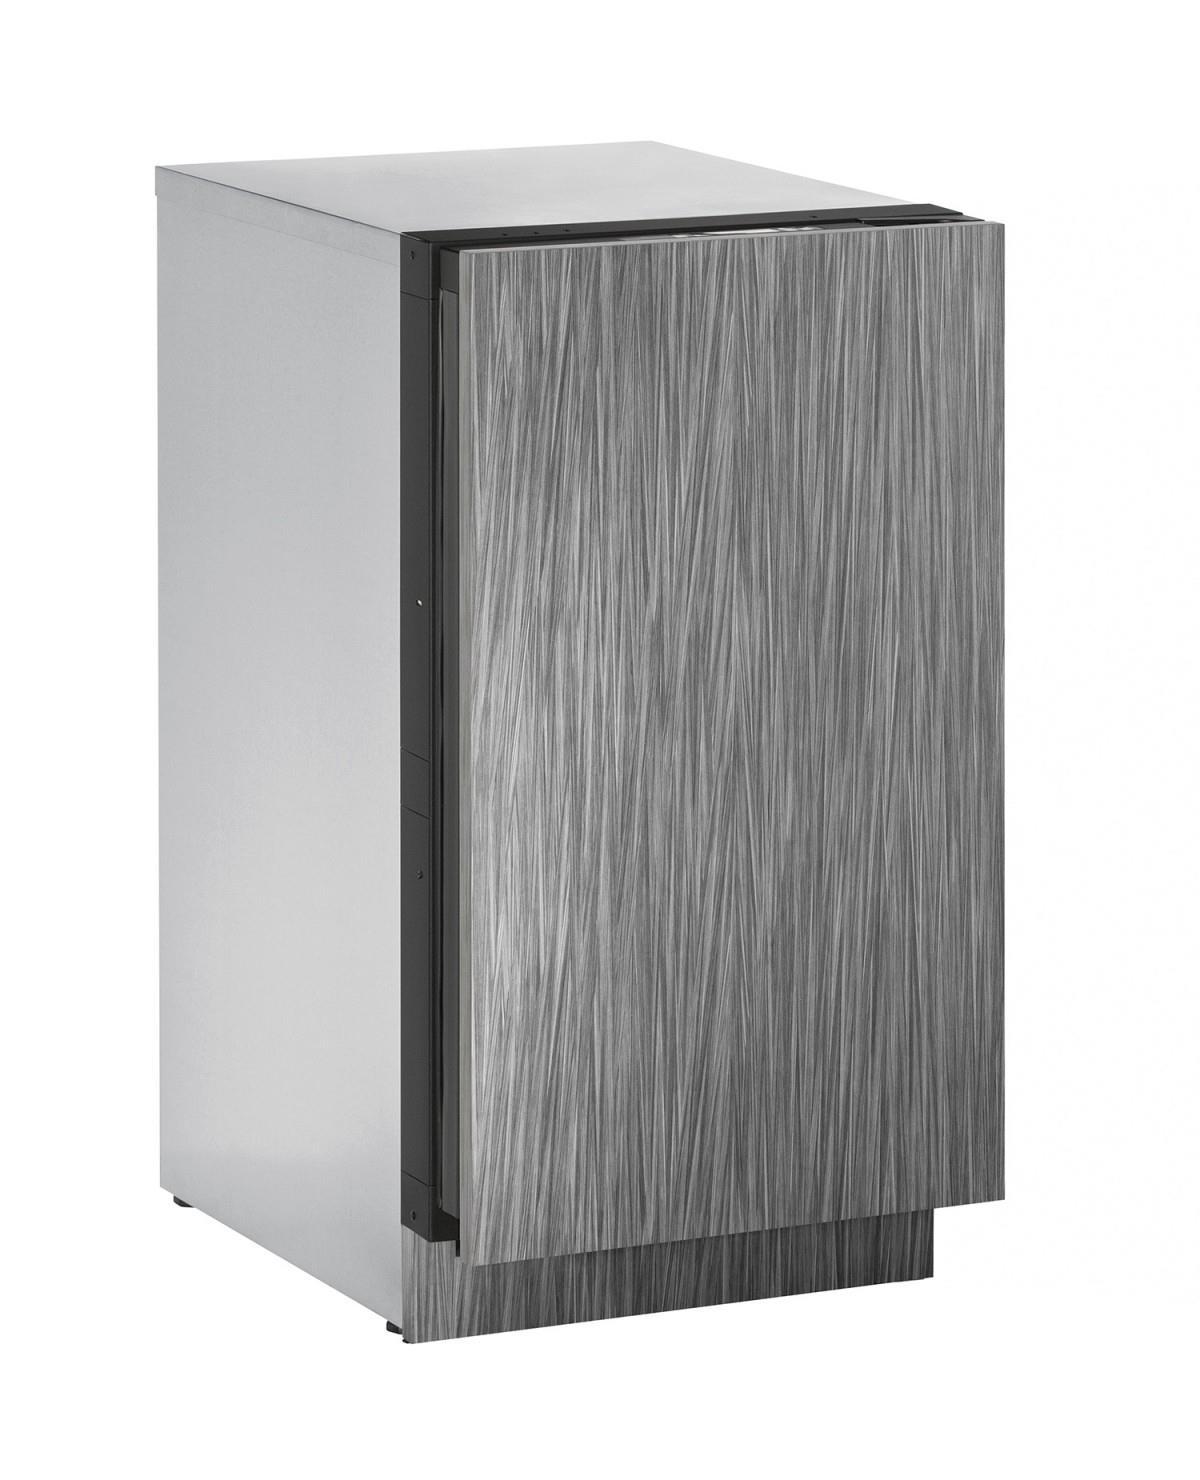 """U-Line Ice Maker 18"""" Built-in Clear Ice Machine - Item Number: U-3018CLRINT-00A"""